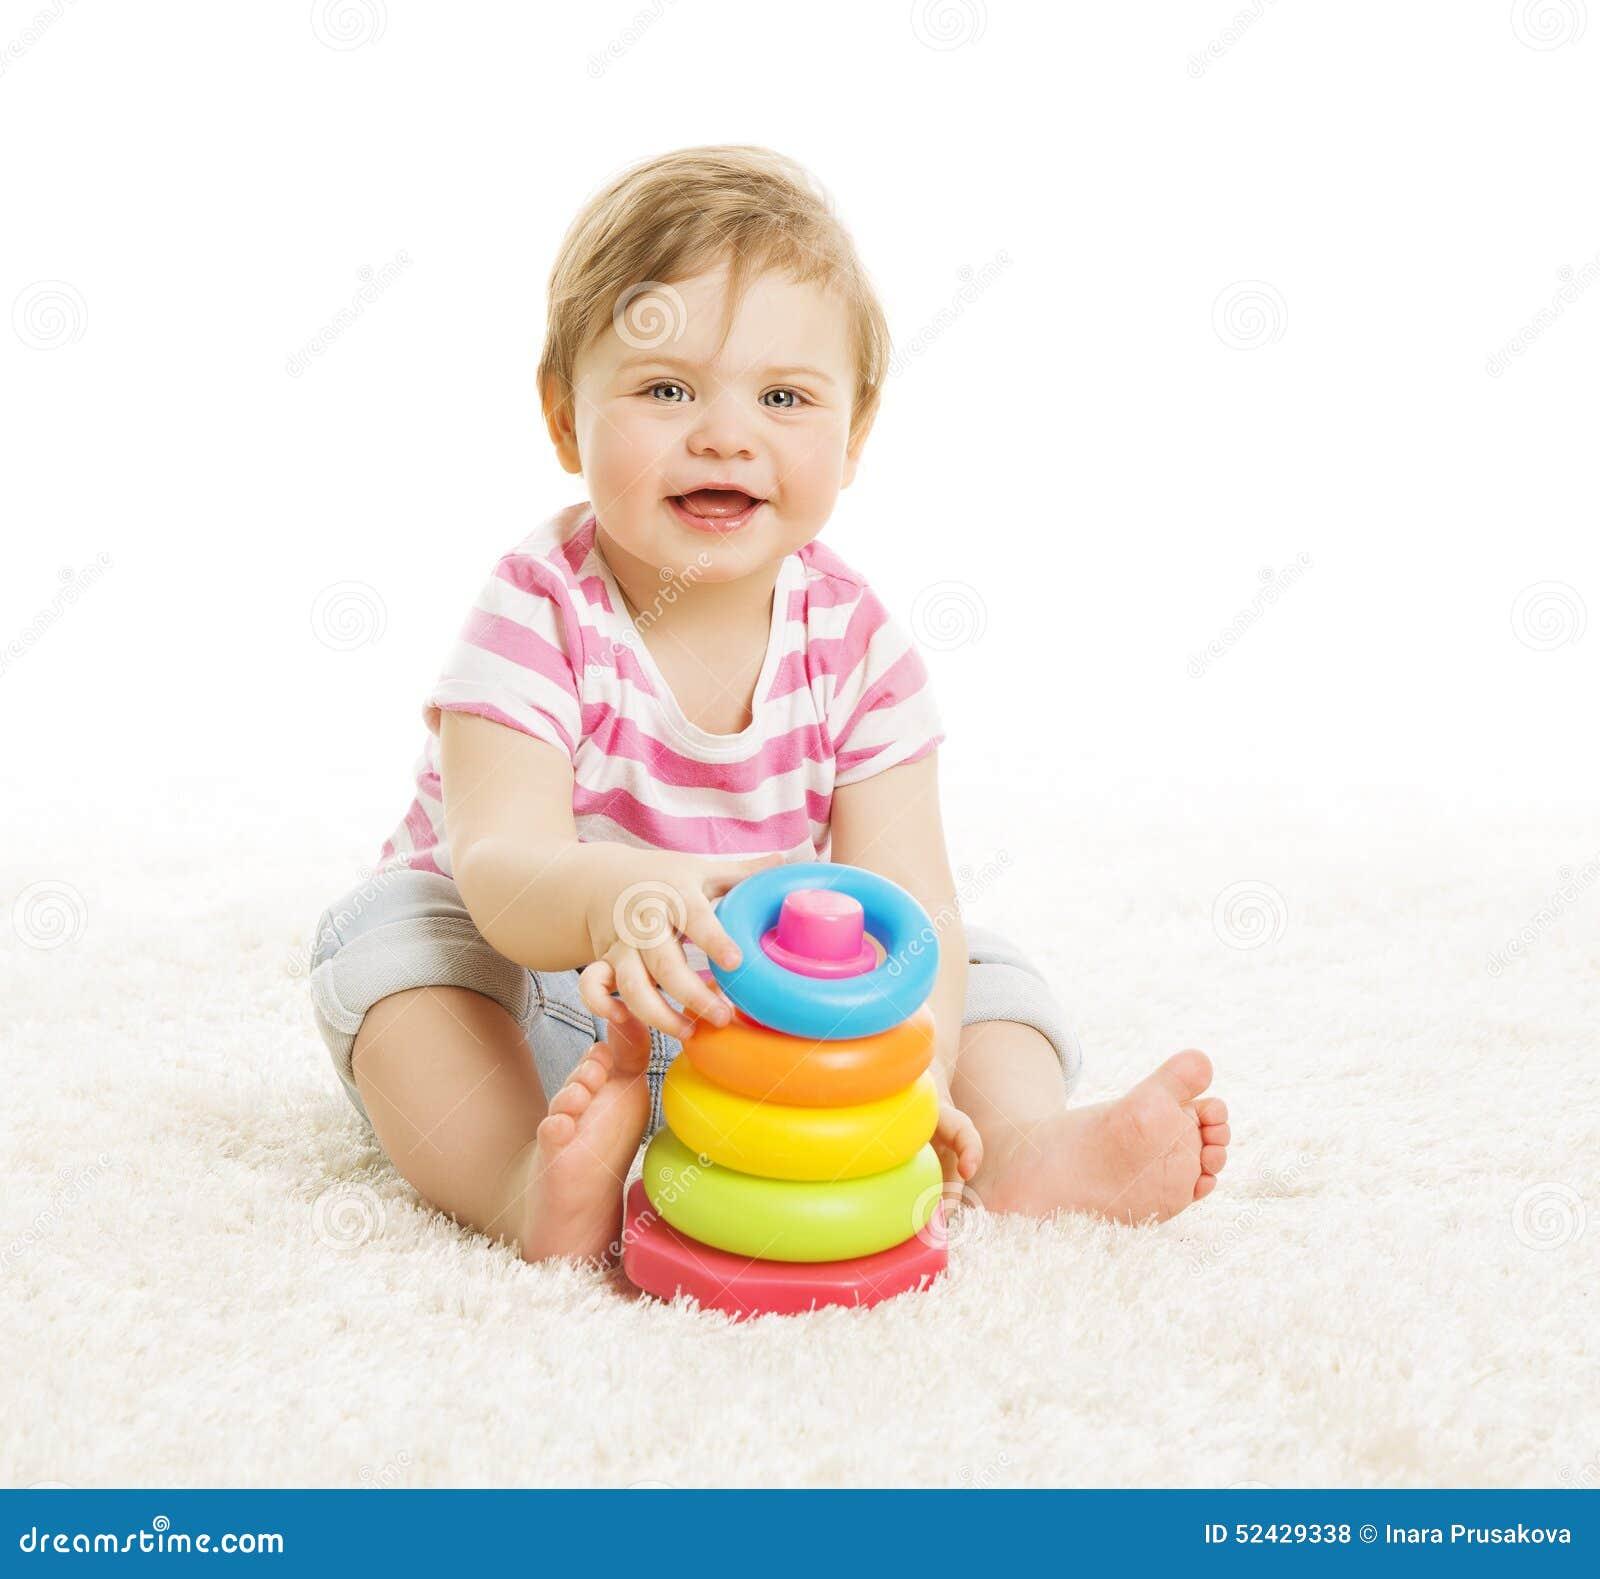 baby das spielwaren kinderspiel pyramiden turm kleinkind bildung spielt stockfoto bild. Black Bedroom Furniture Sets. Home Design Ideas